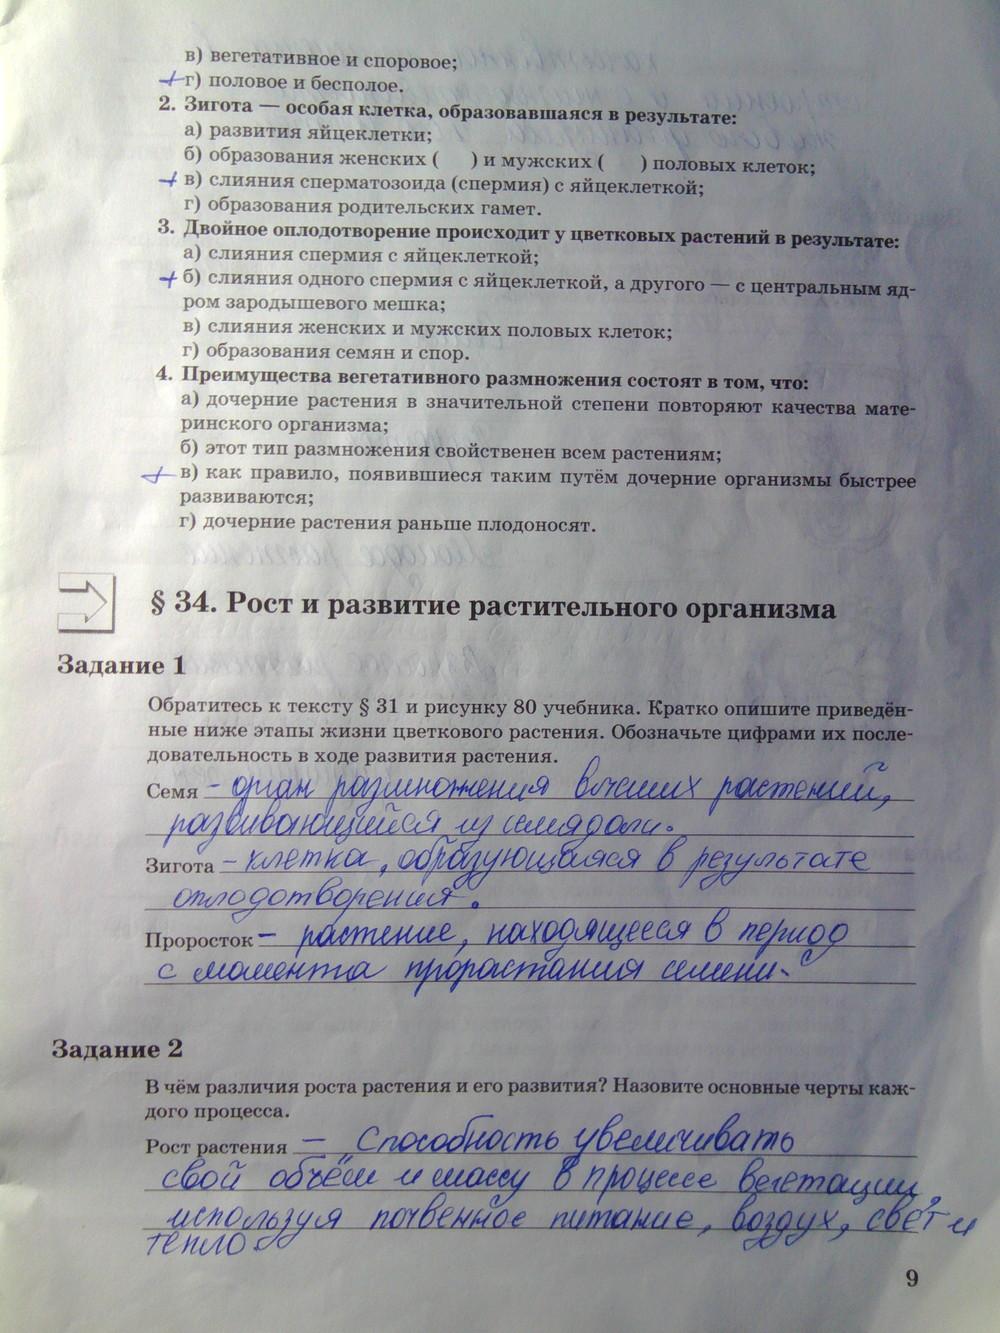 Биология 9 класс гдз рабочая тетрадь пономарева панина корнилова